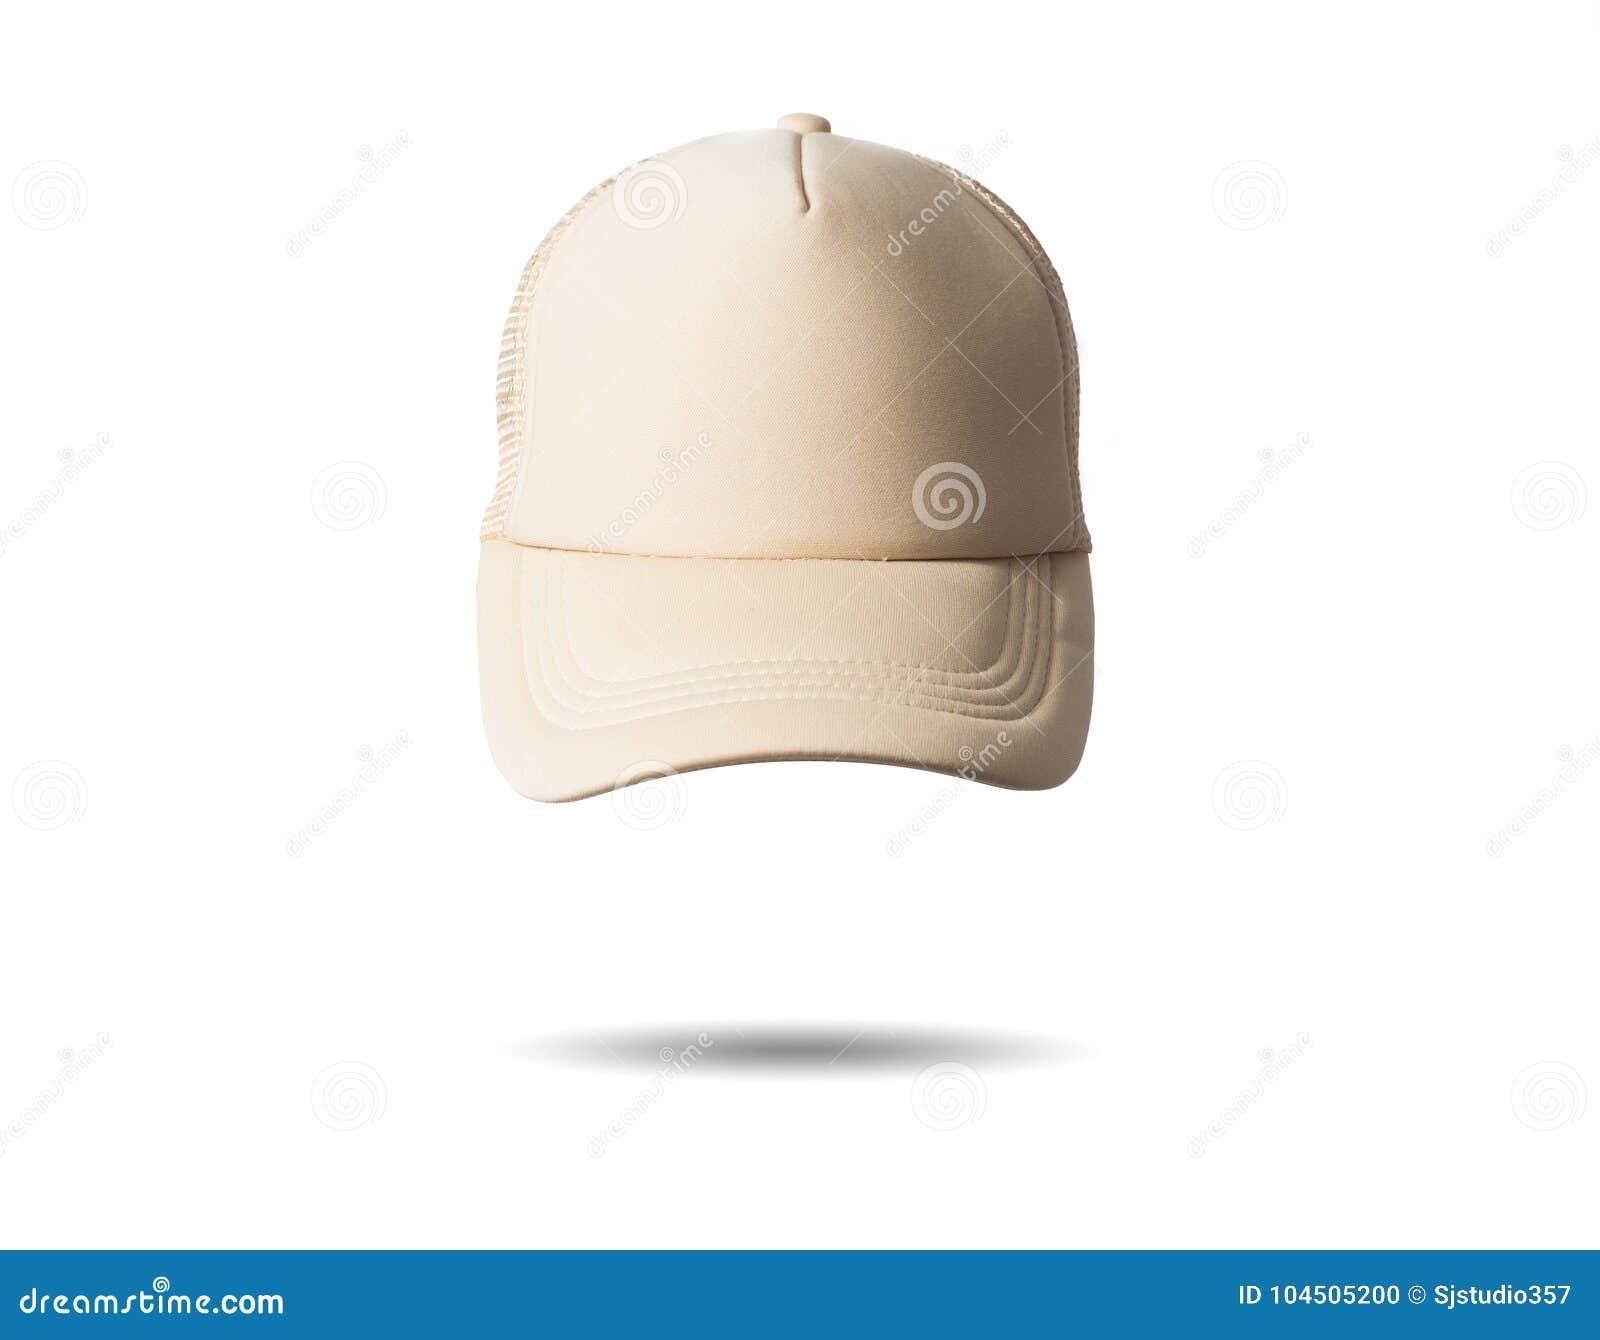 white beige baseball cap on white background isolated mock up free